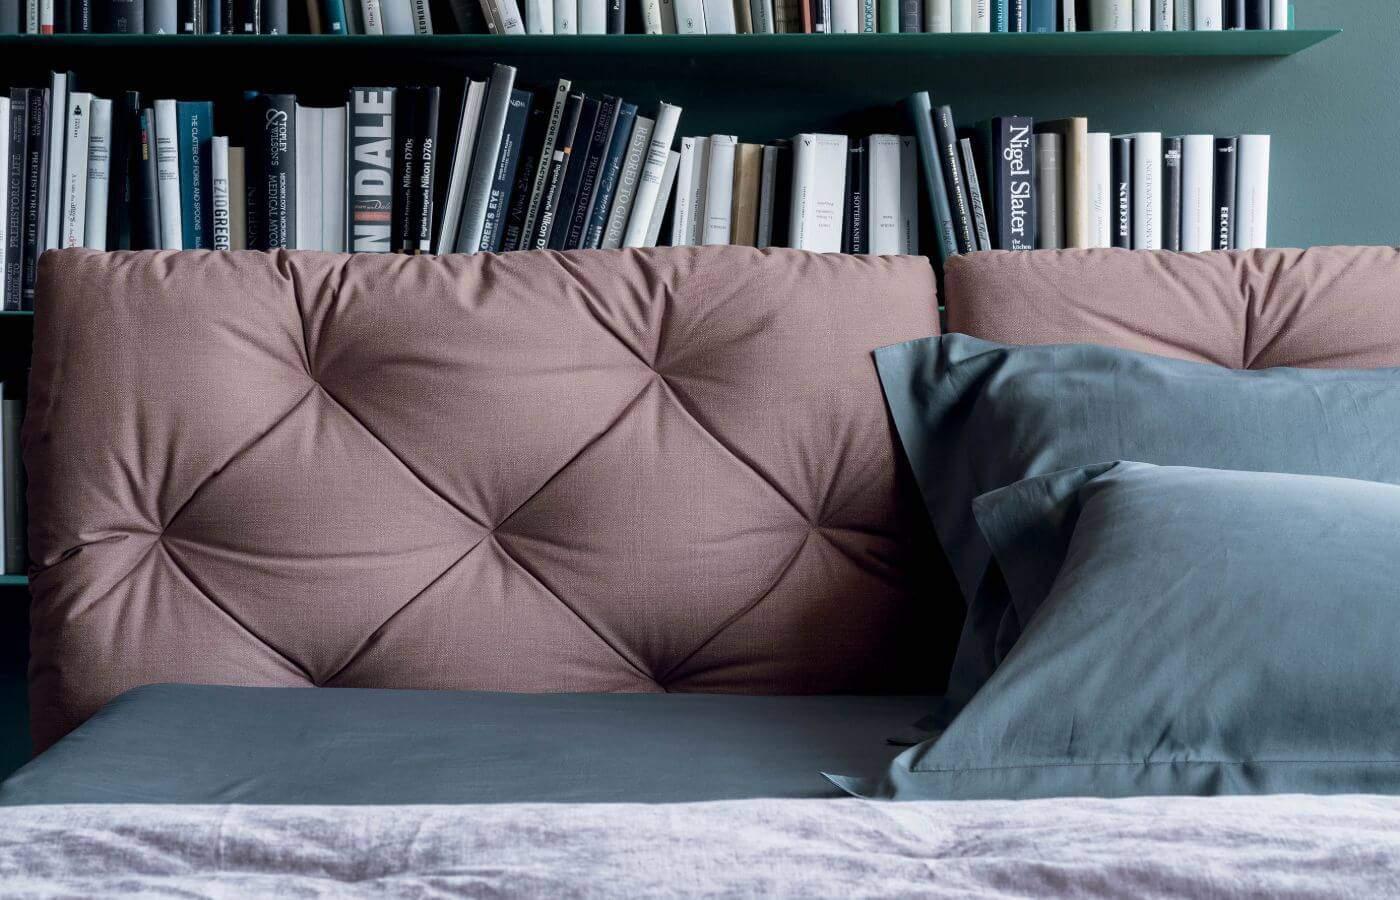 zona-notte-letto-contenitore-collezione-flock-il-mobile (4)